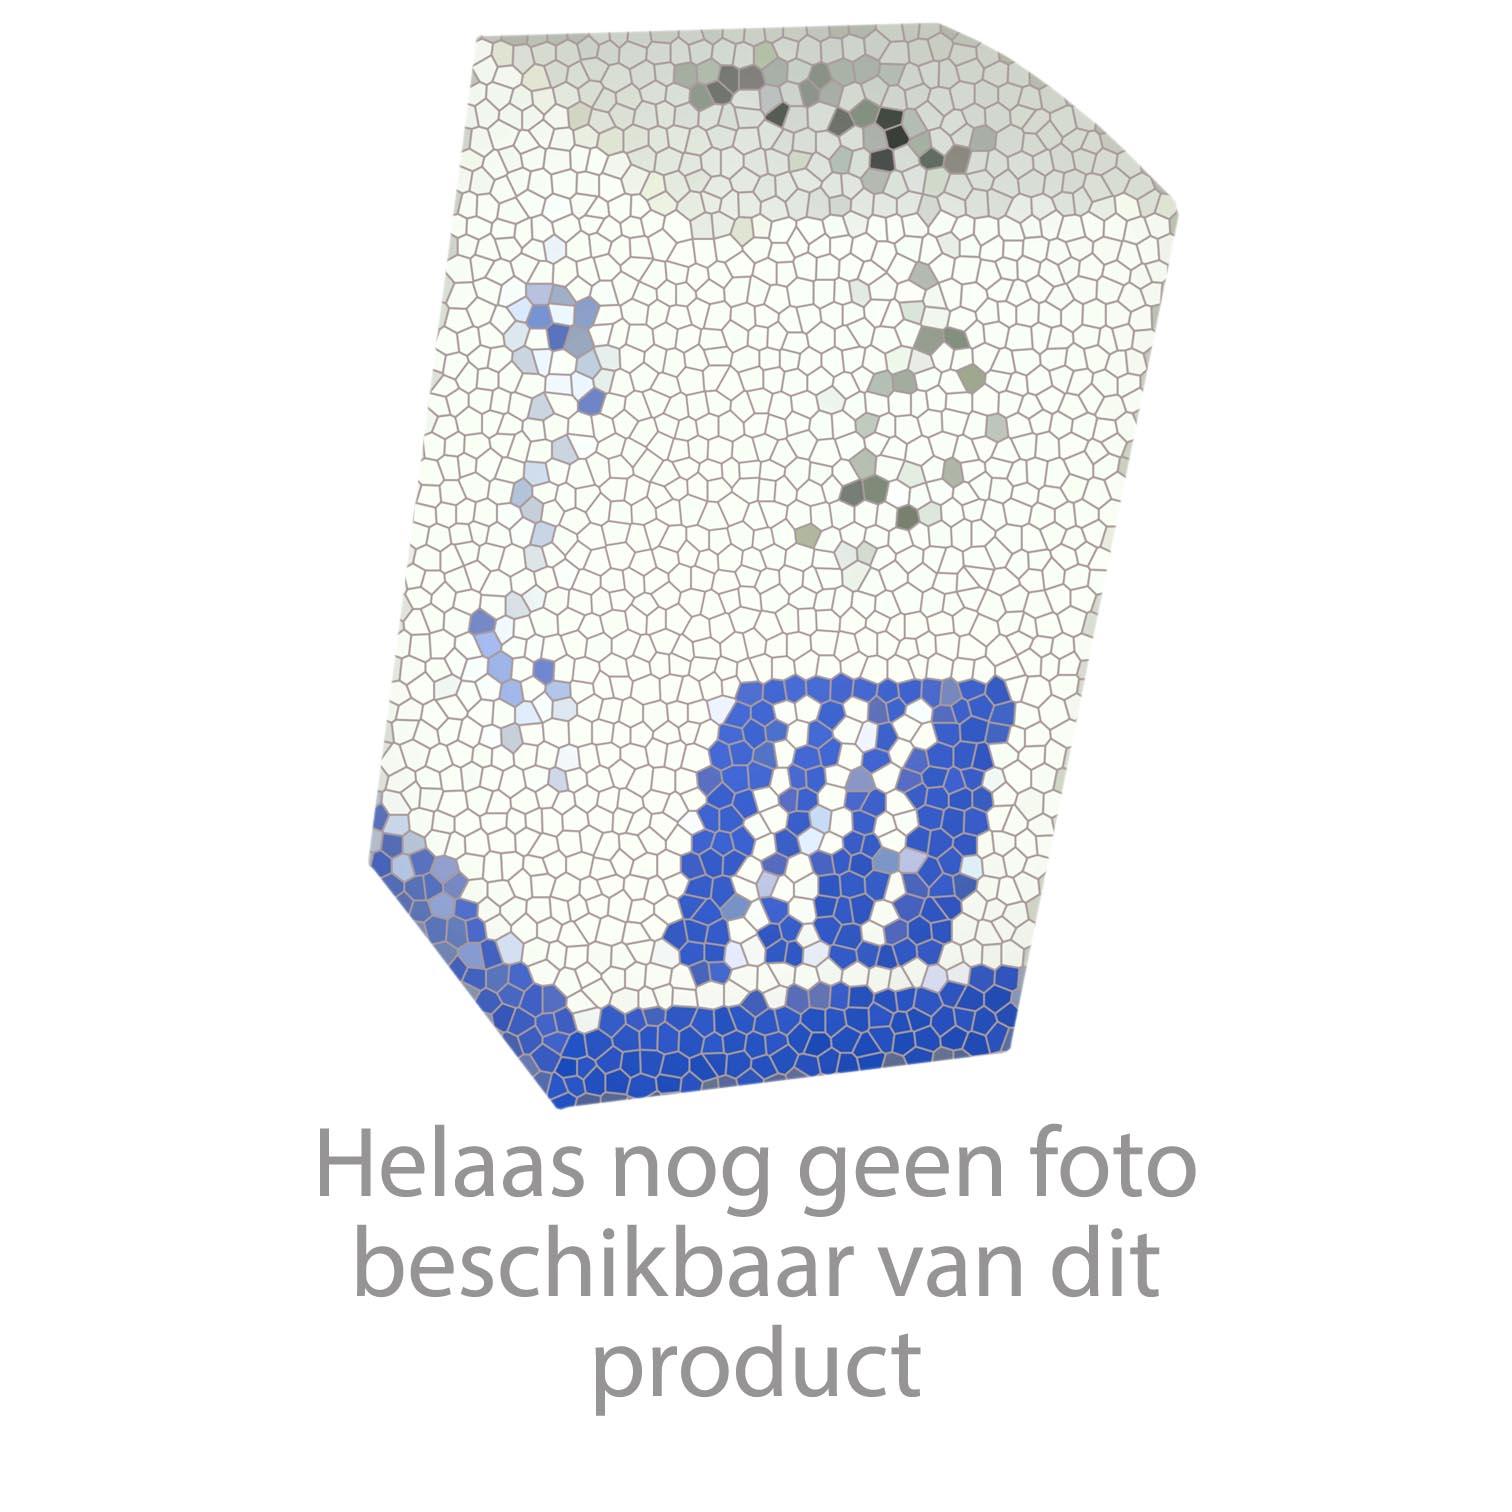 Vola Inbouwthermostaatkraan met 3-wegomstel, handdouche, regendouche en 4 zijsprays. Geborsteld RVS